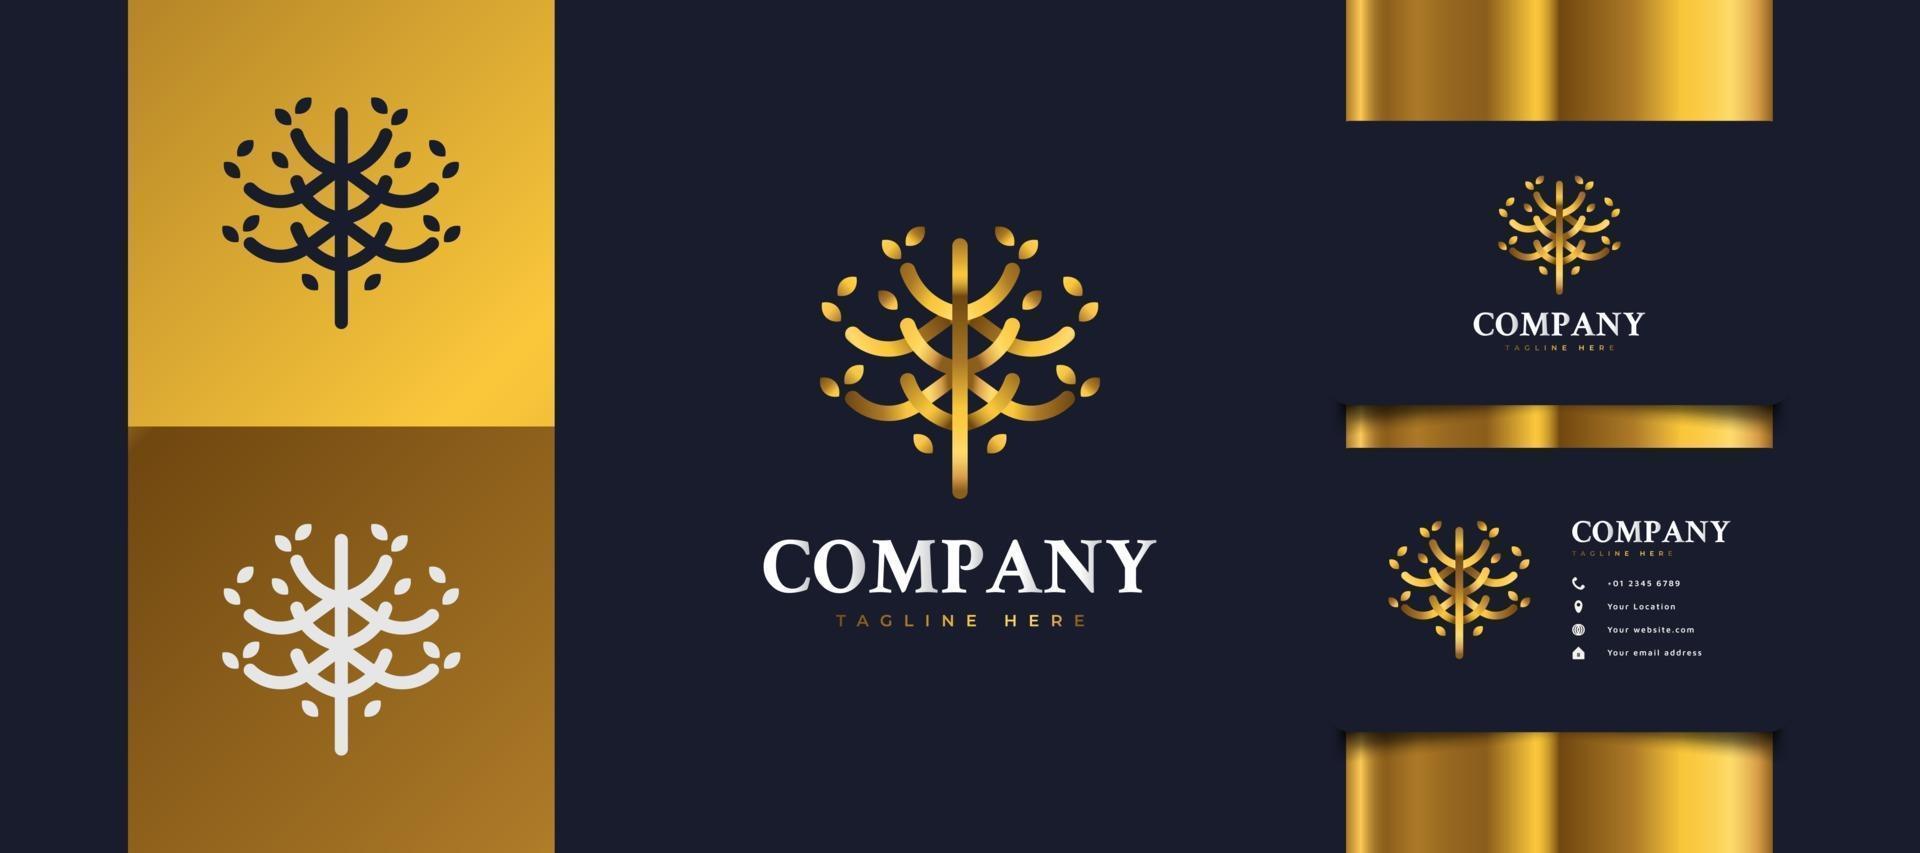 logotipo de árvore de ouro de luxo com folhagem, adequado para logotipos de hotéis, spas, resorts ou imobiliárias vetor